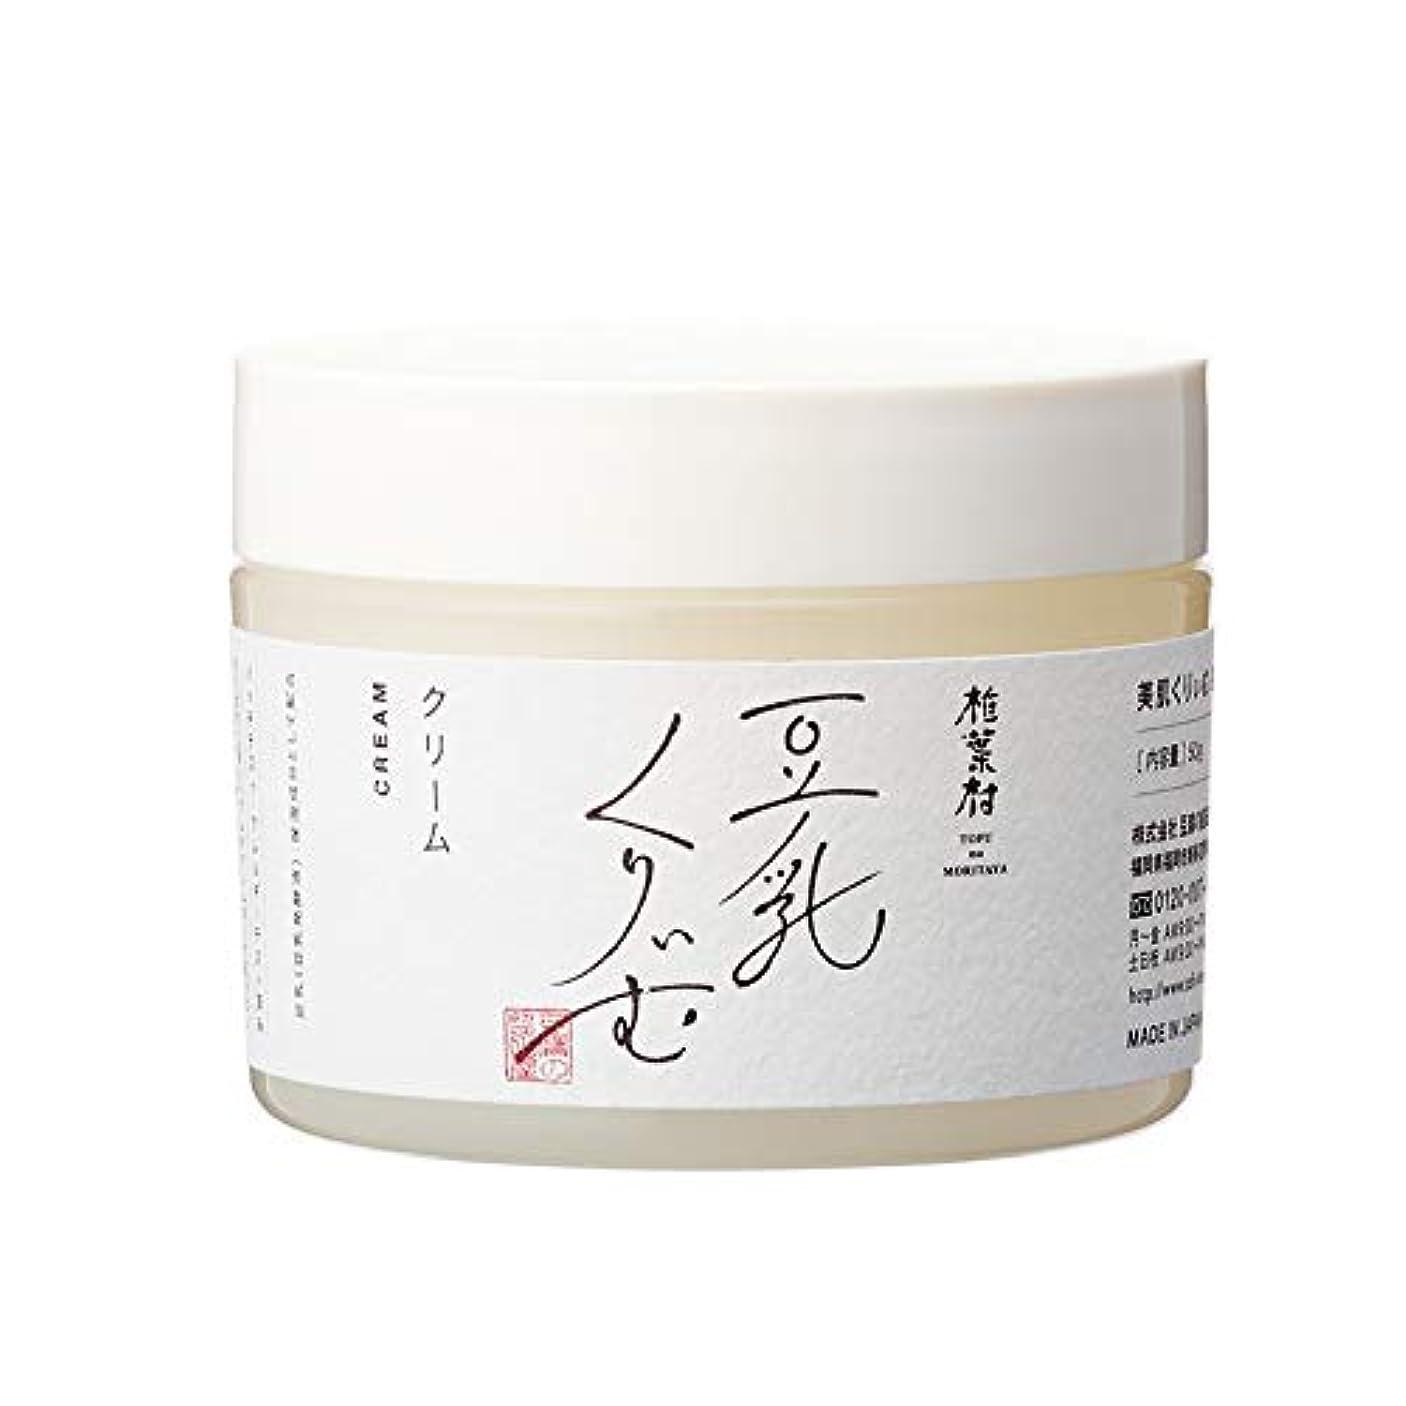 うぬぼれ大気取り付け豆腐の盛田屋 豆乳くりぃむ 自然生活 50g